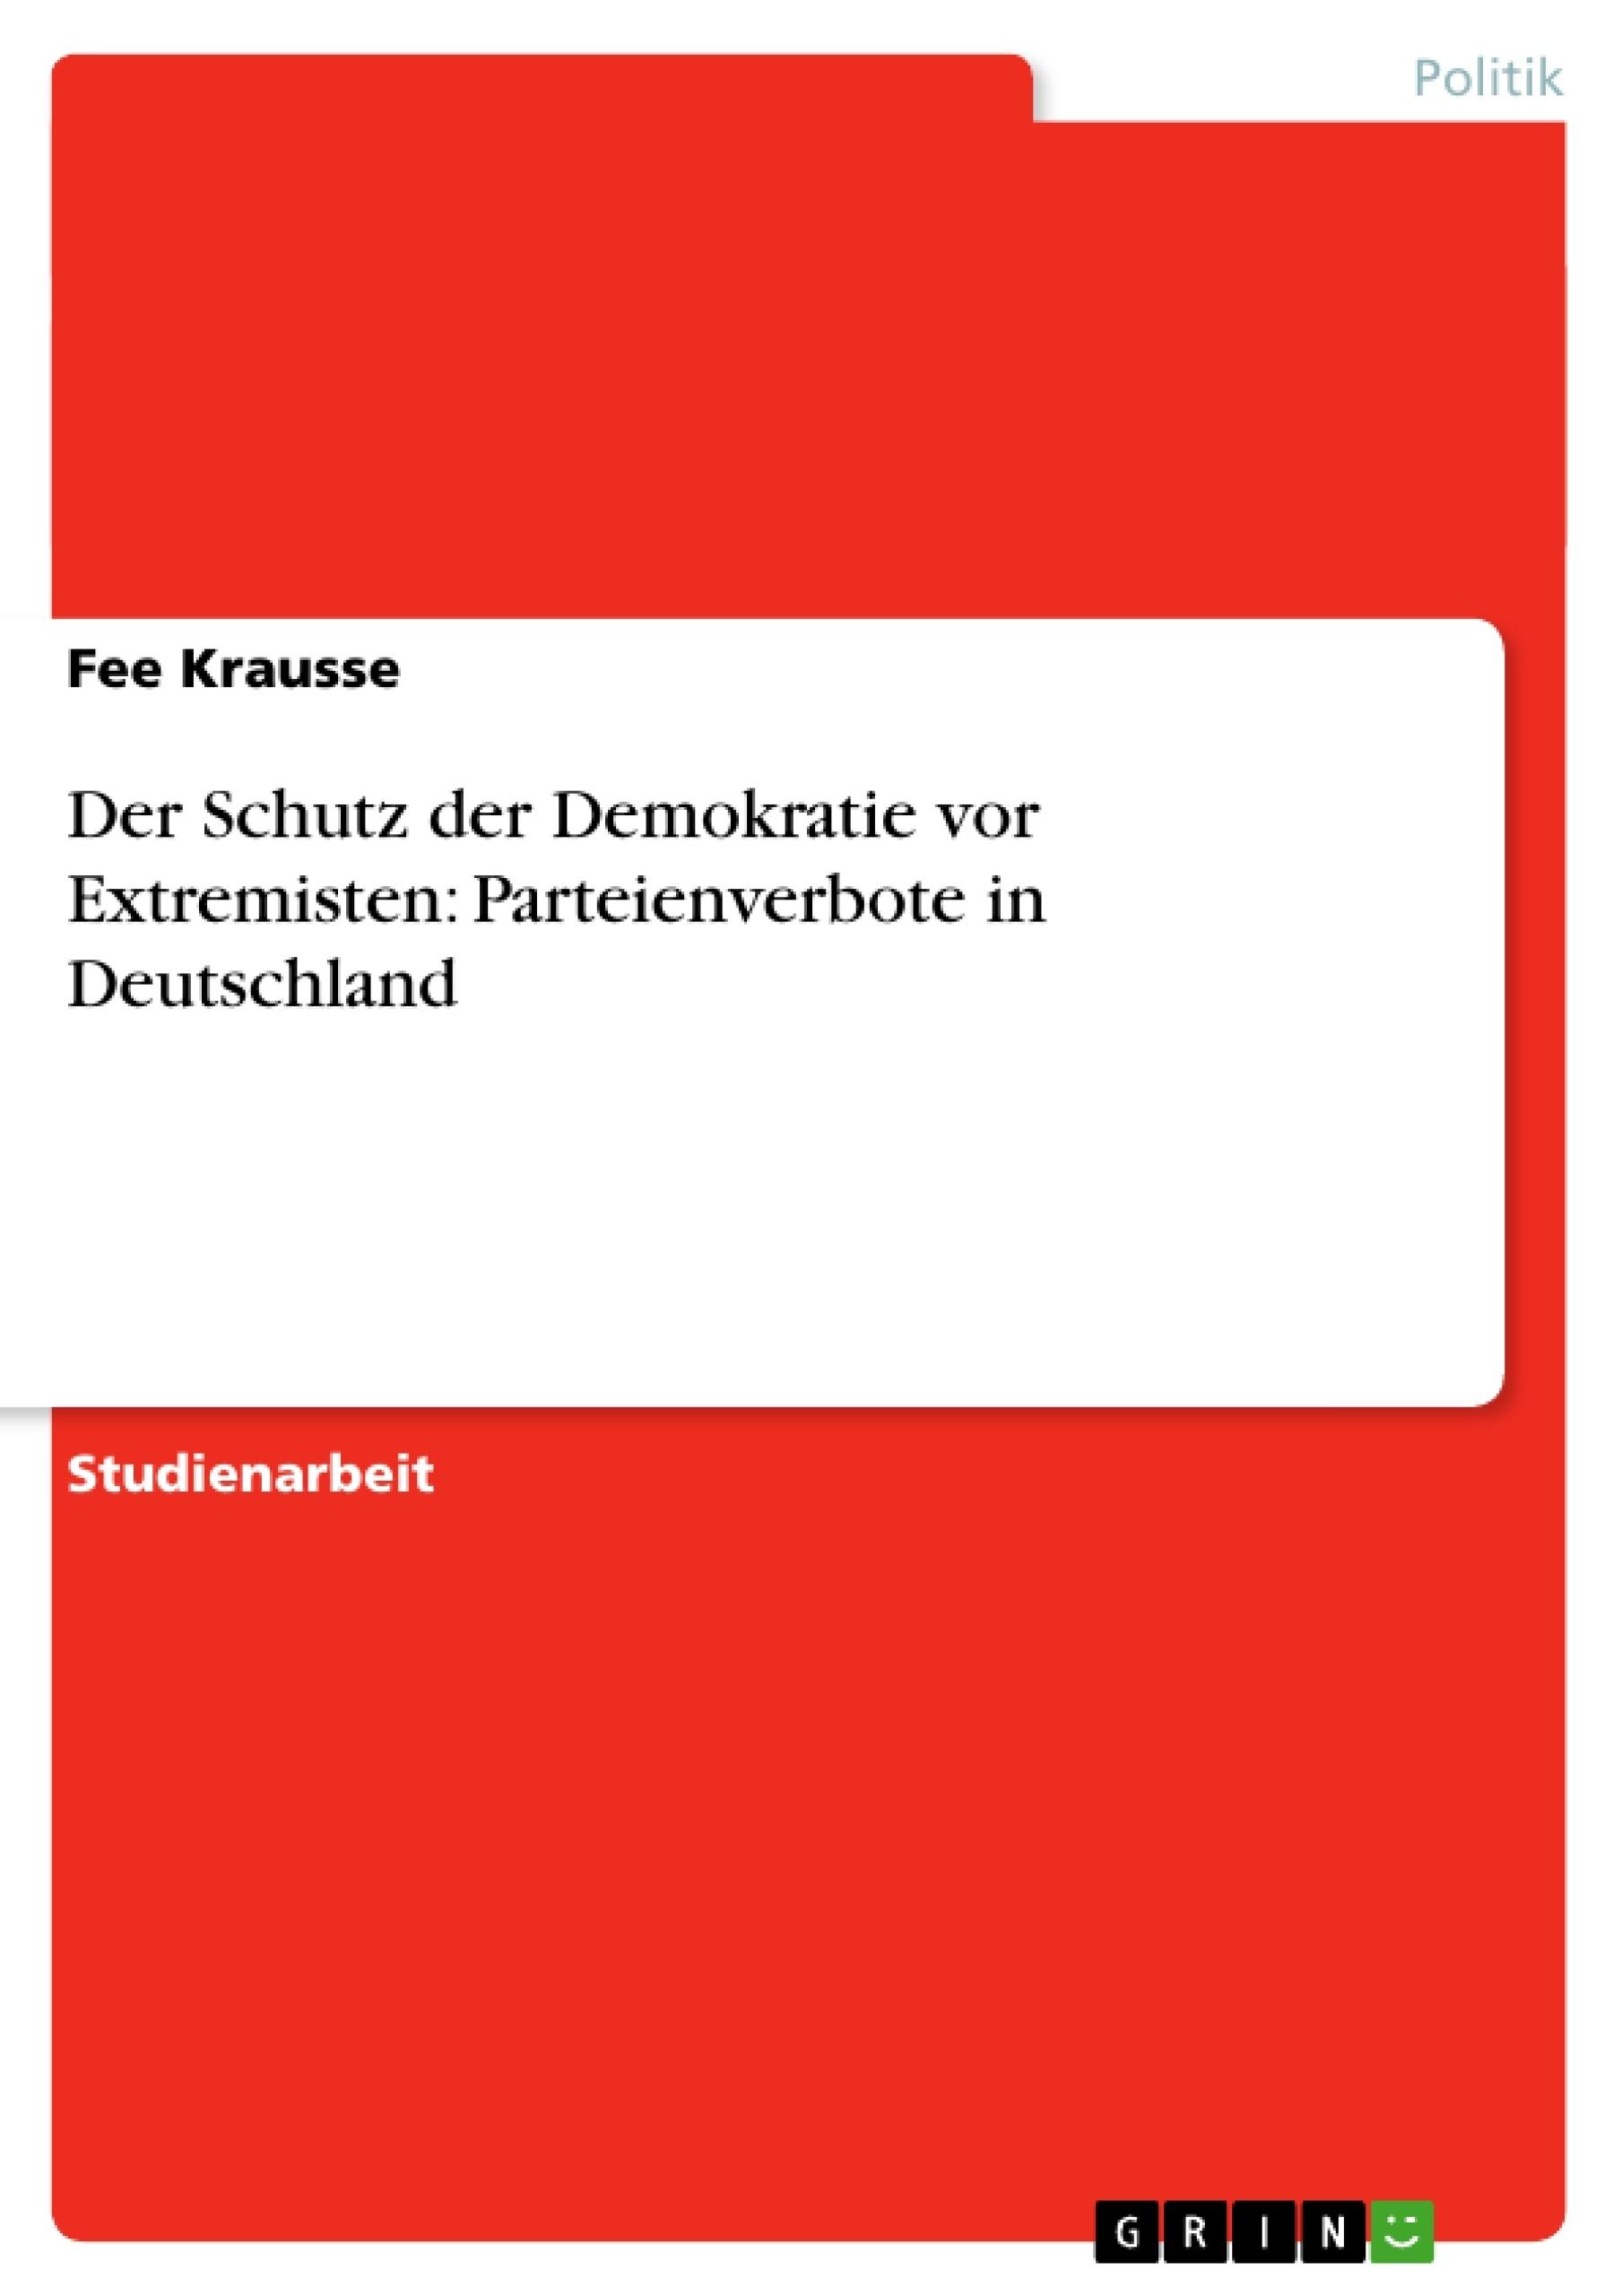 Titel: Der Schutz der Demokratie vor Extremisten: Parteienverbote in Deutschland